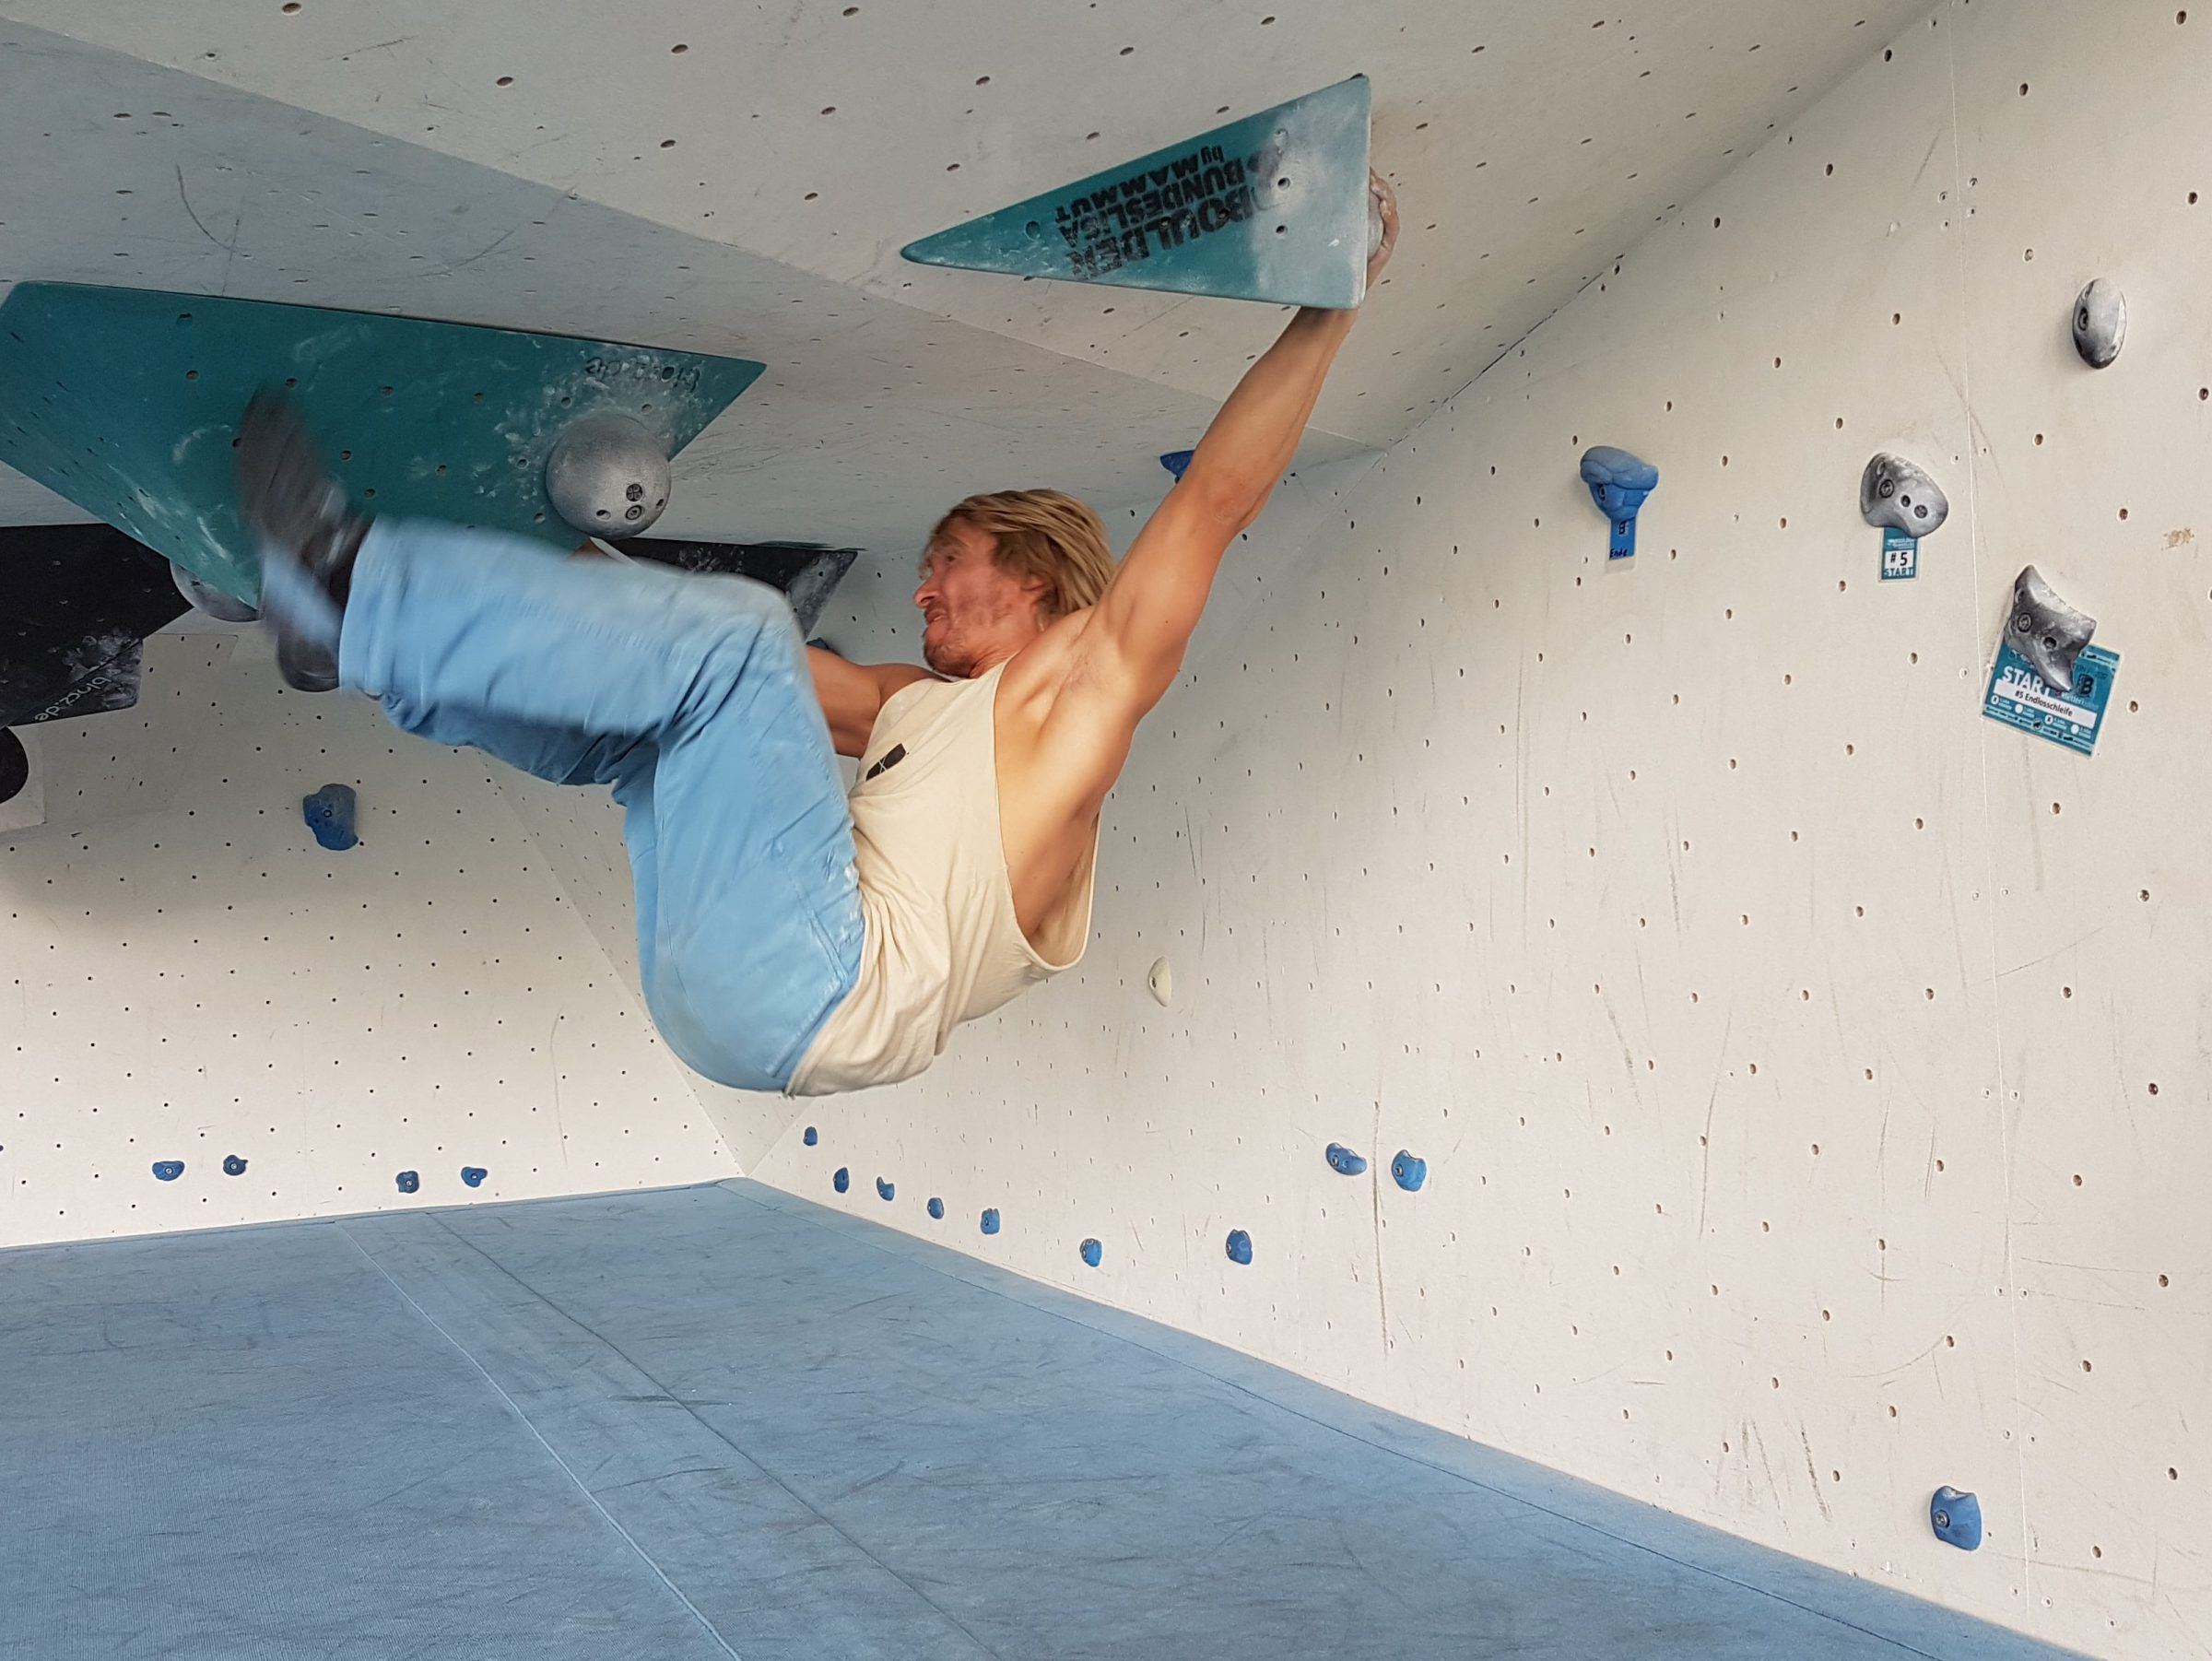 Boulderer klettert Route der Boulder-Bundesliga in Jena